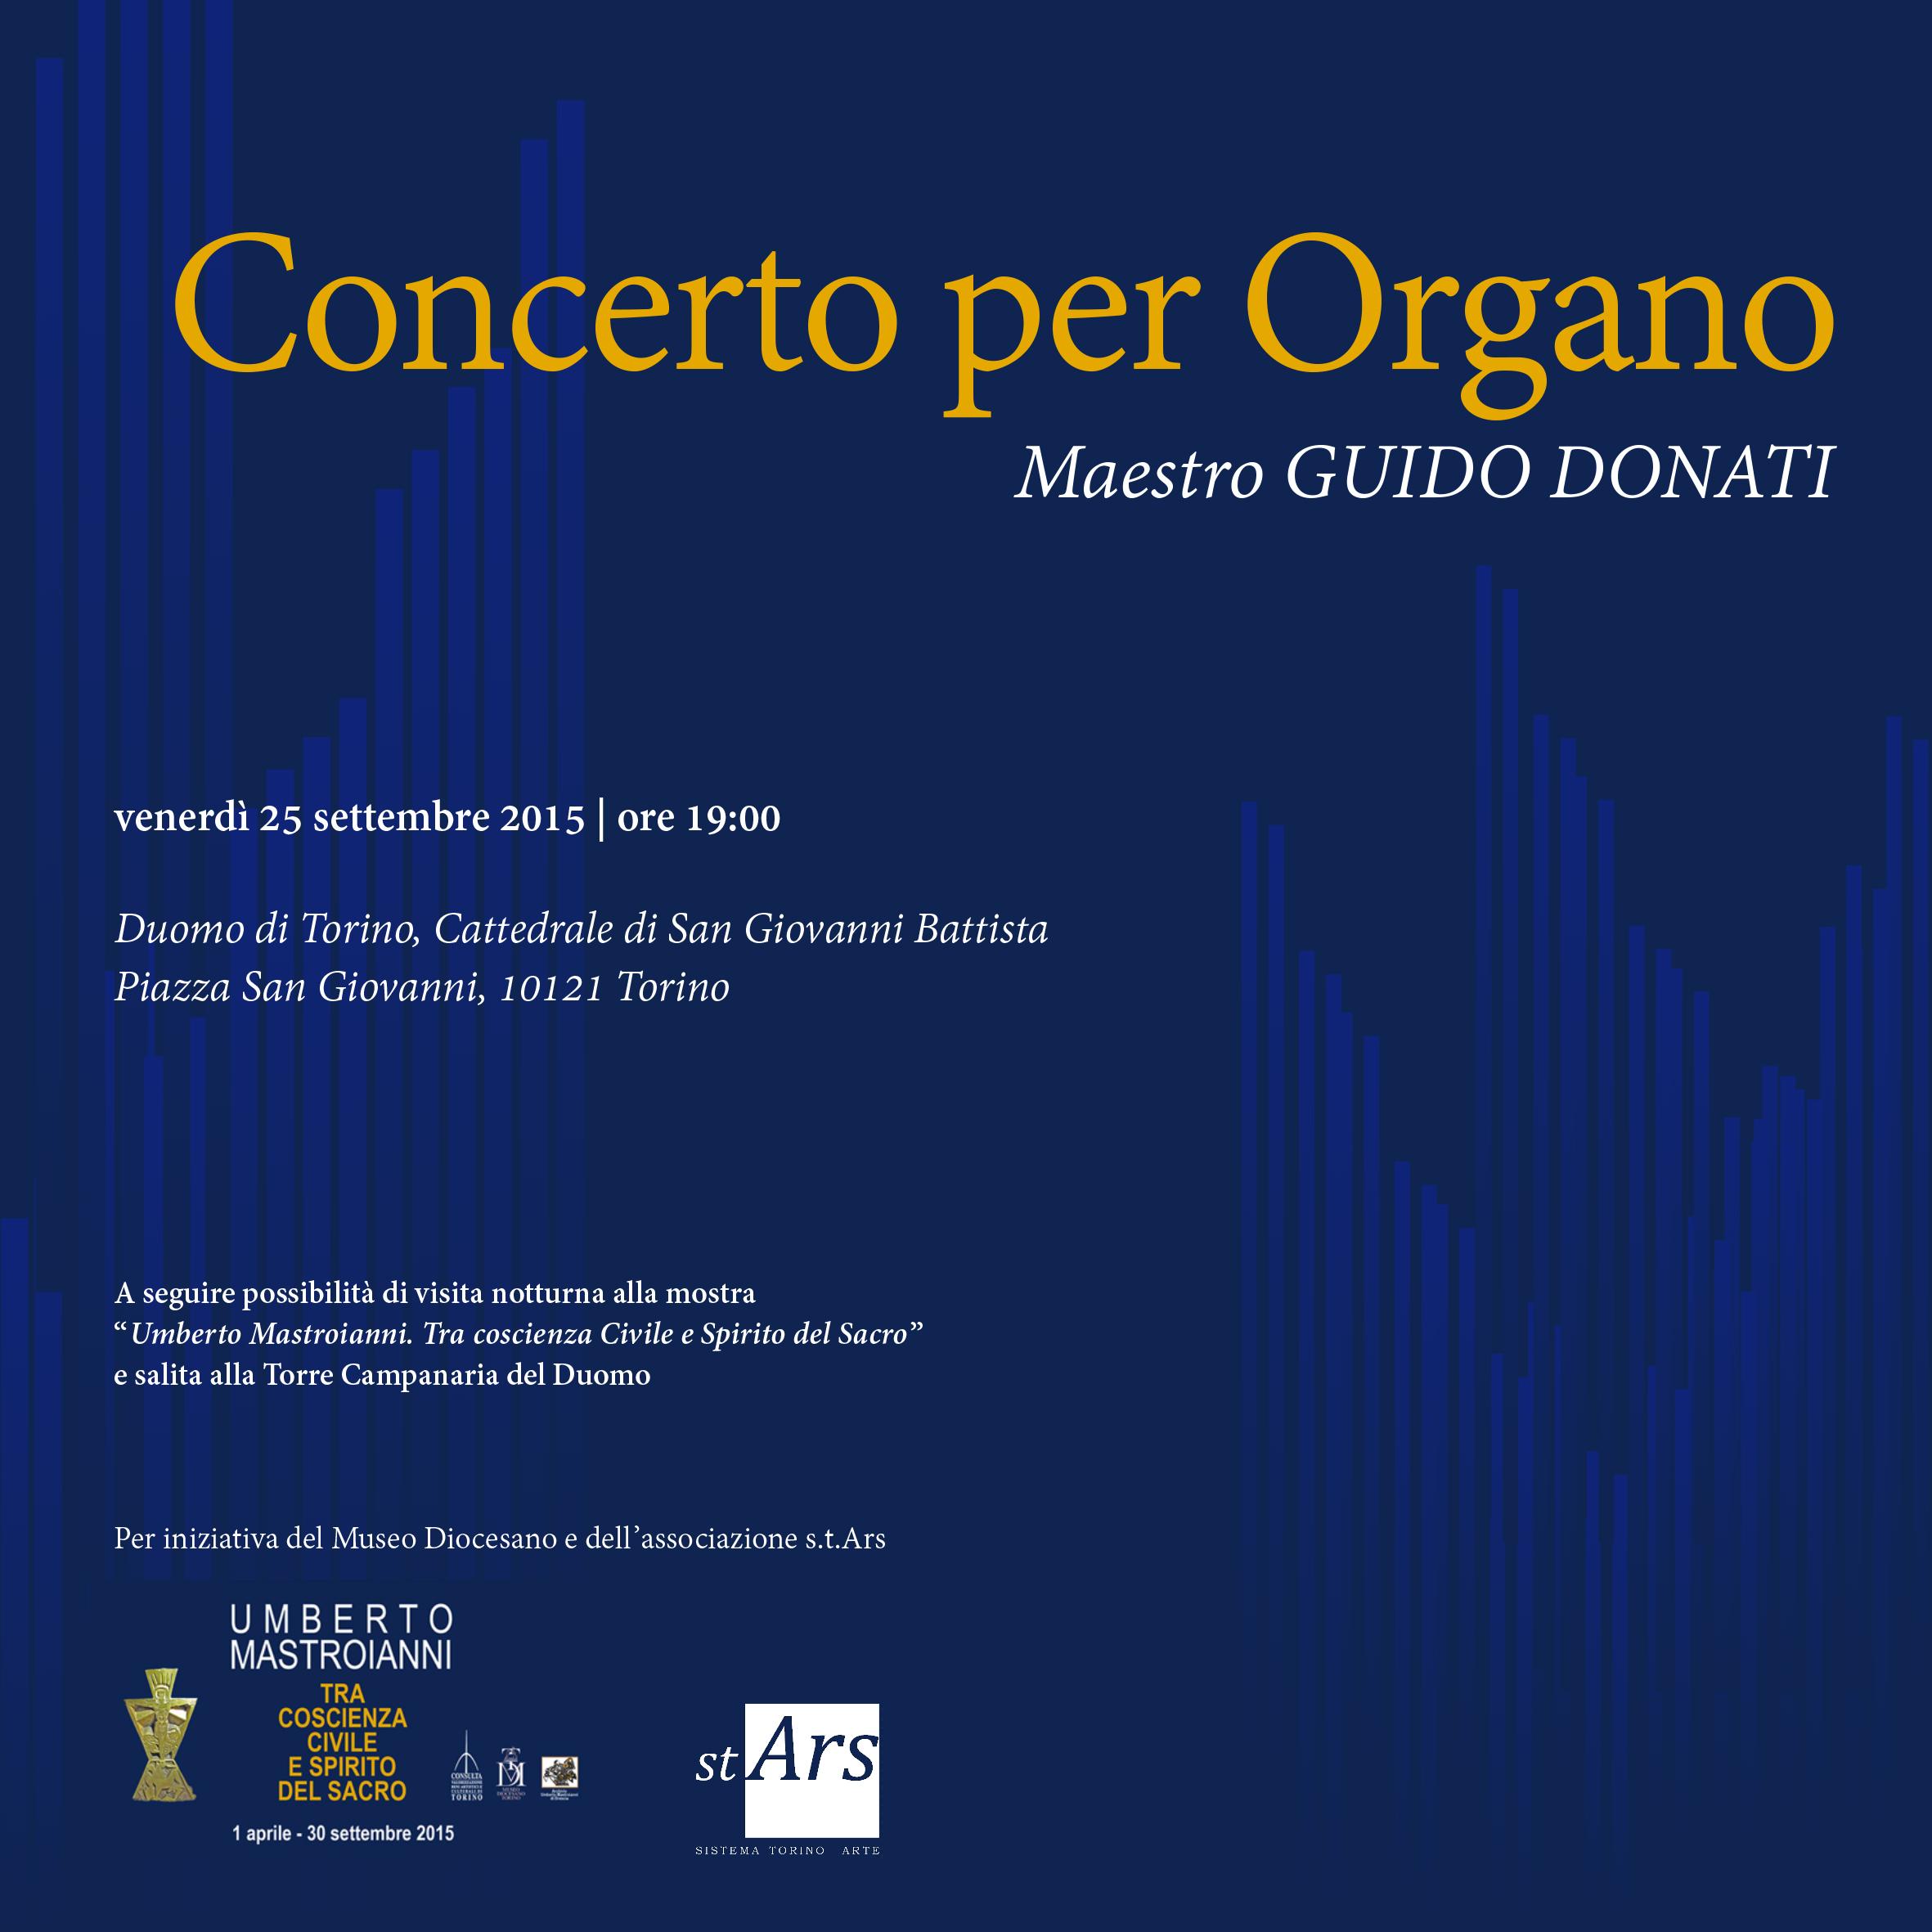 Programma concerto Duomo Torino - Guido Donati